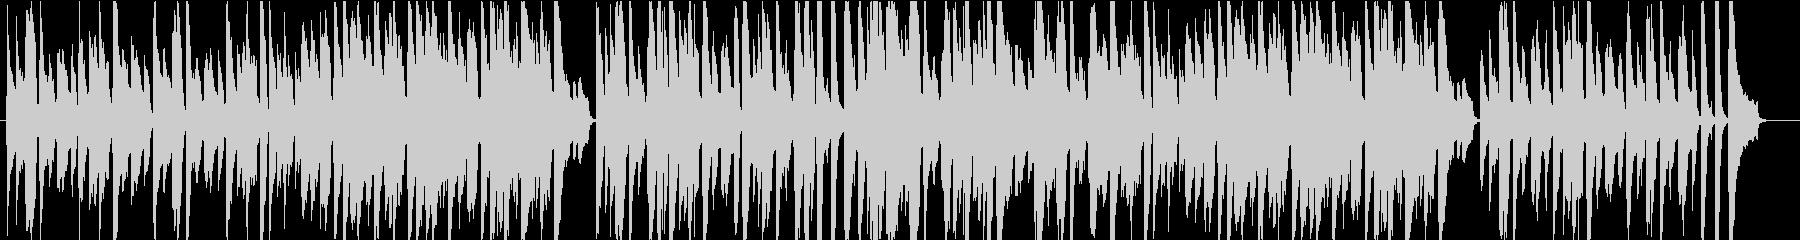 バサノバ ほのぼの 幸せ 可愛い ...の未再生の波形